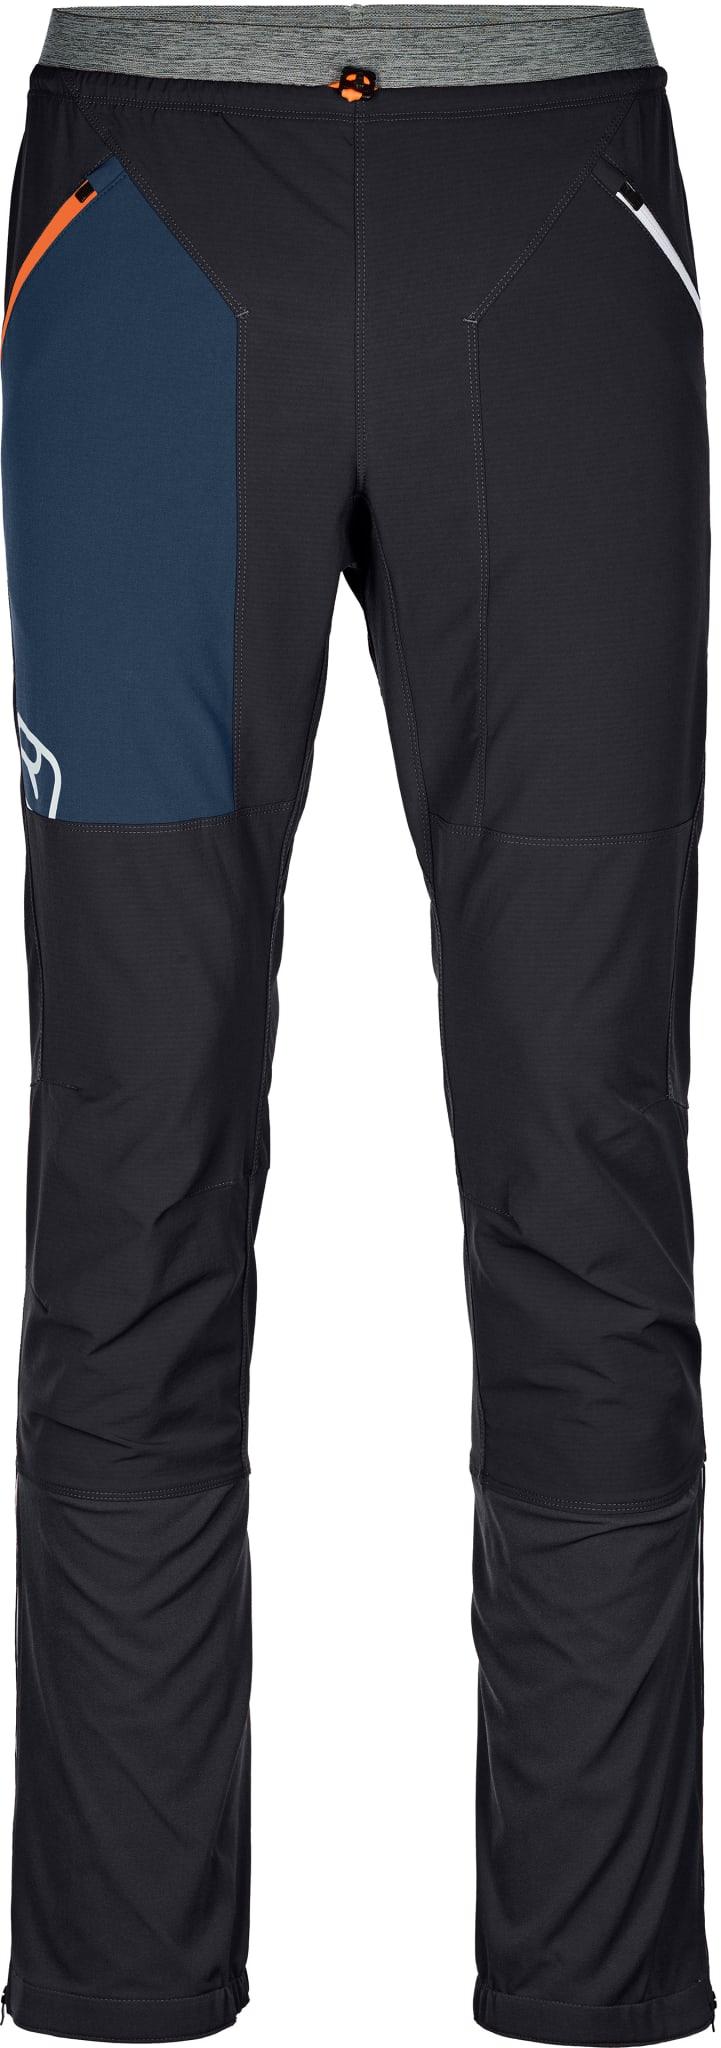 Tettsittende og raskt bukse som tar mye vær og vind